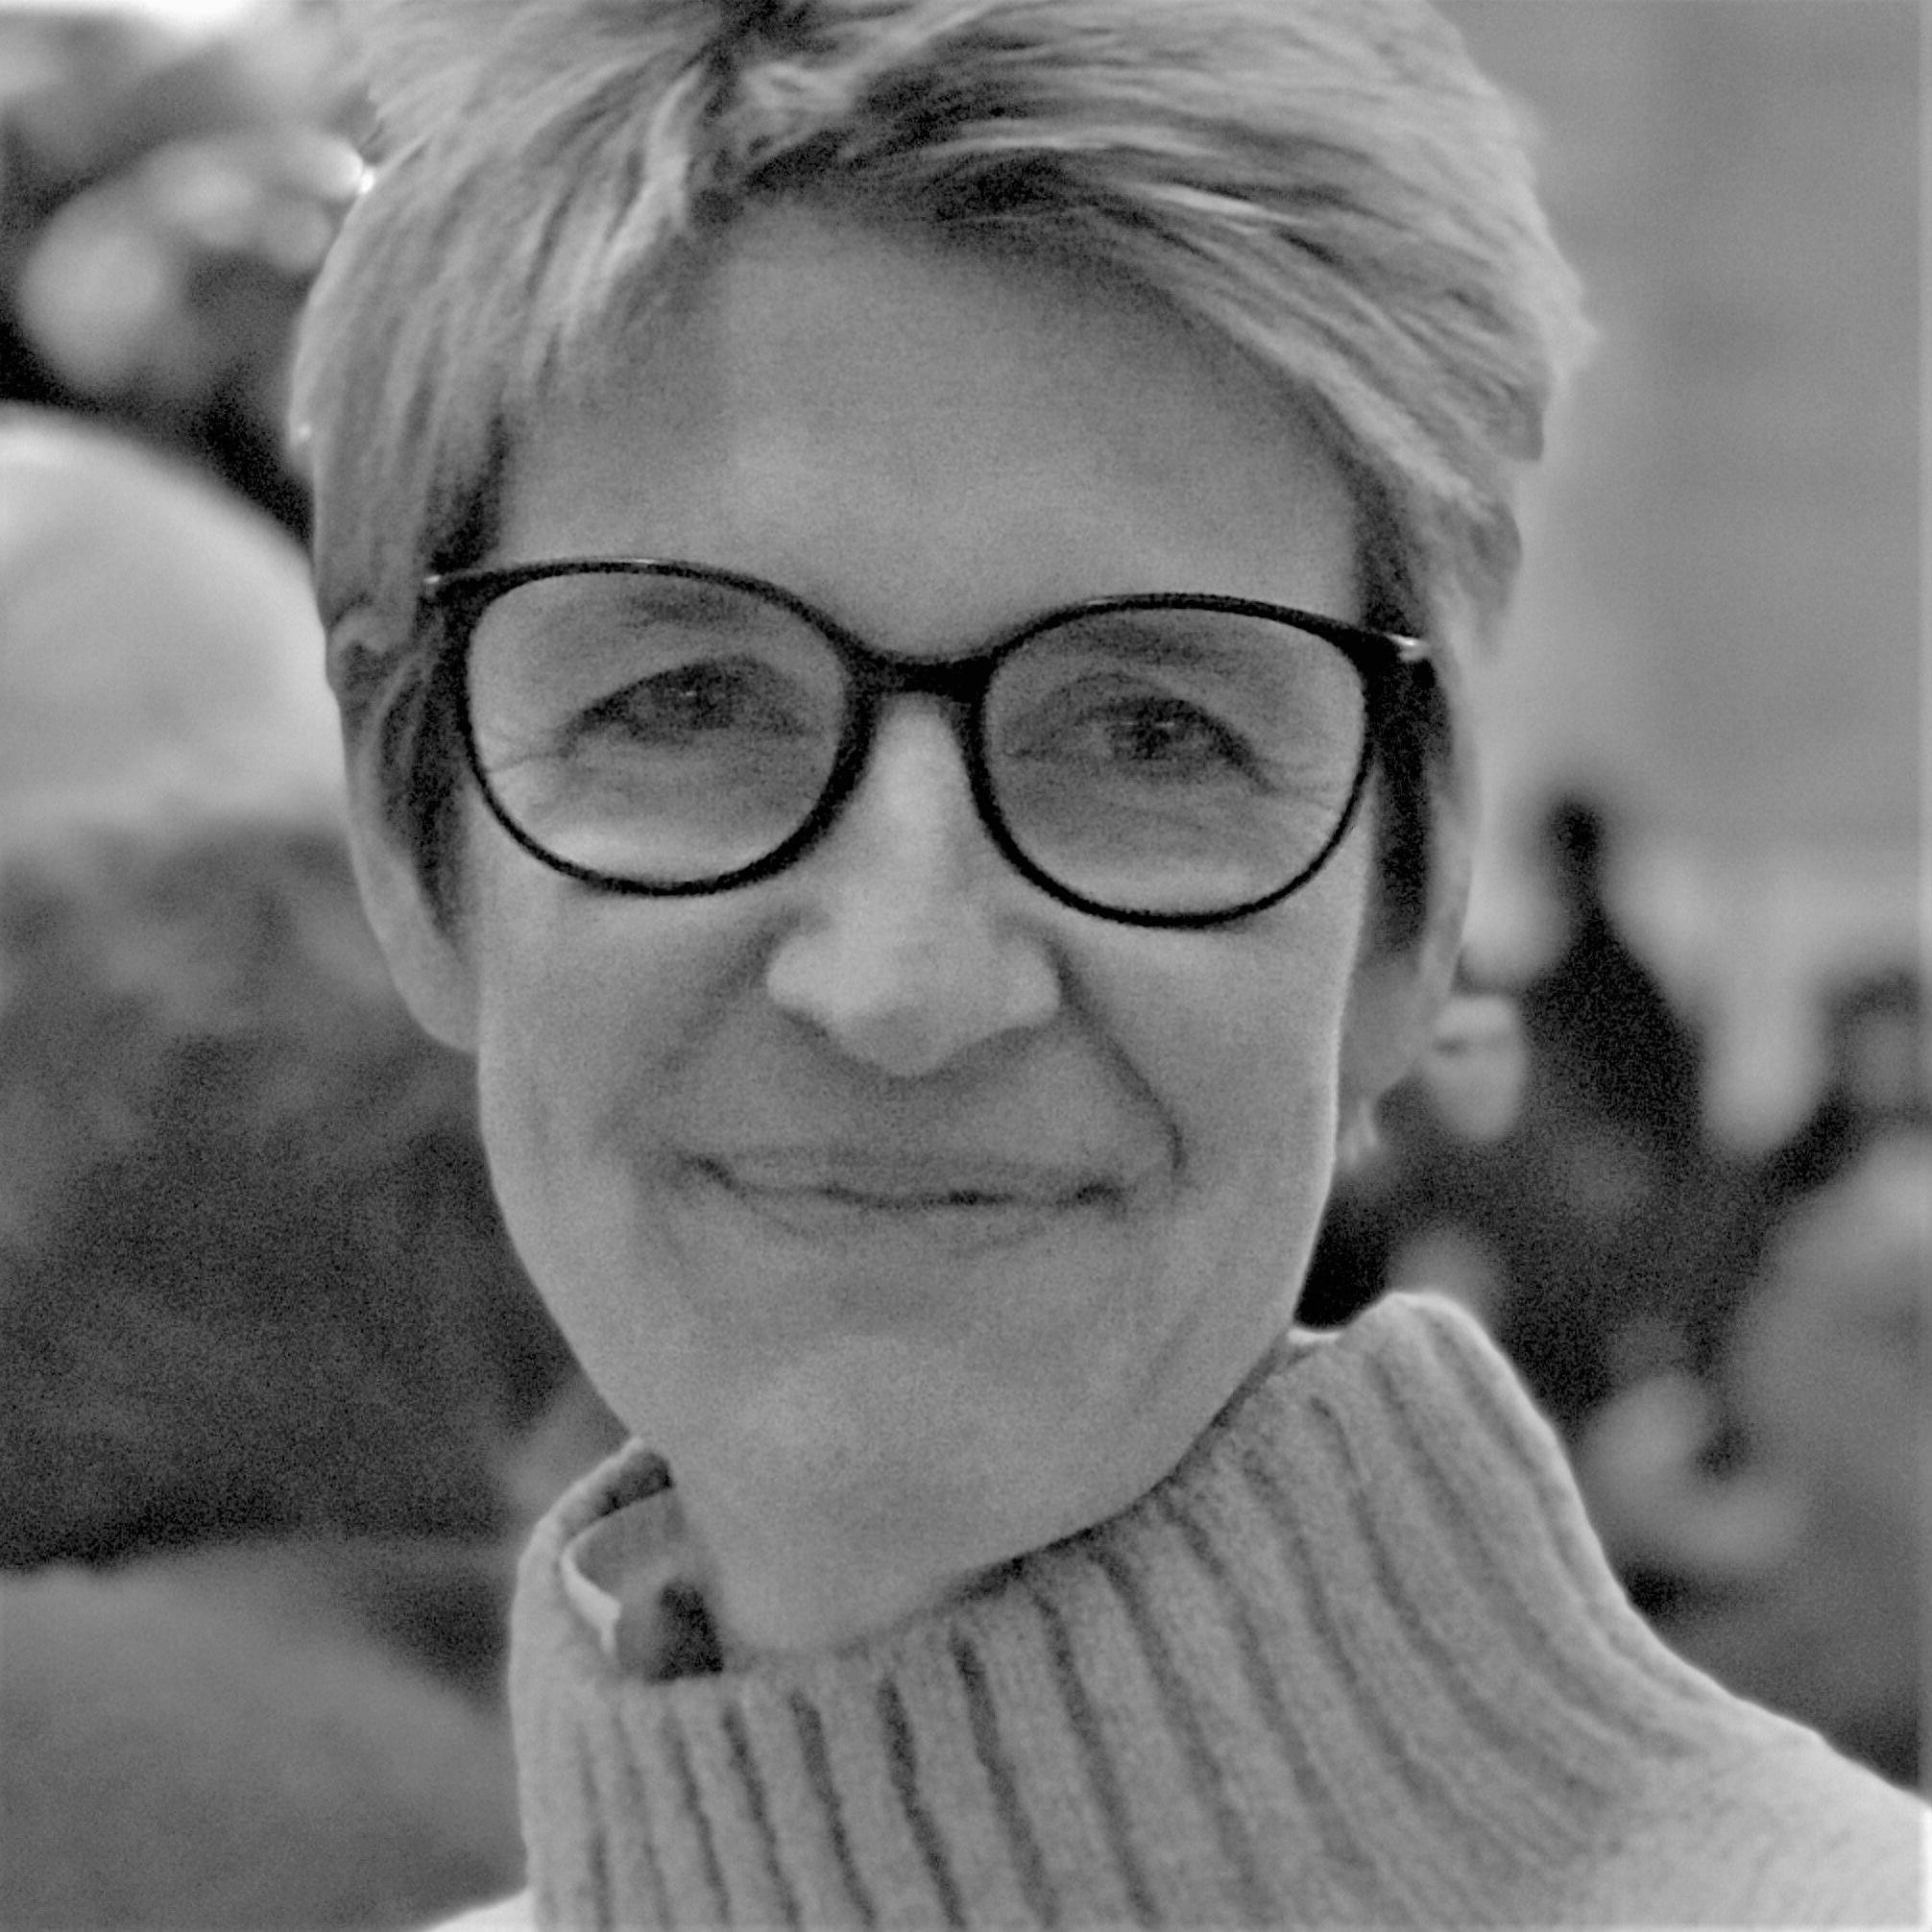 Profilbild_Inken_de _Buhr.jpg